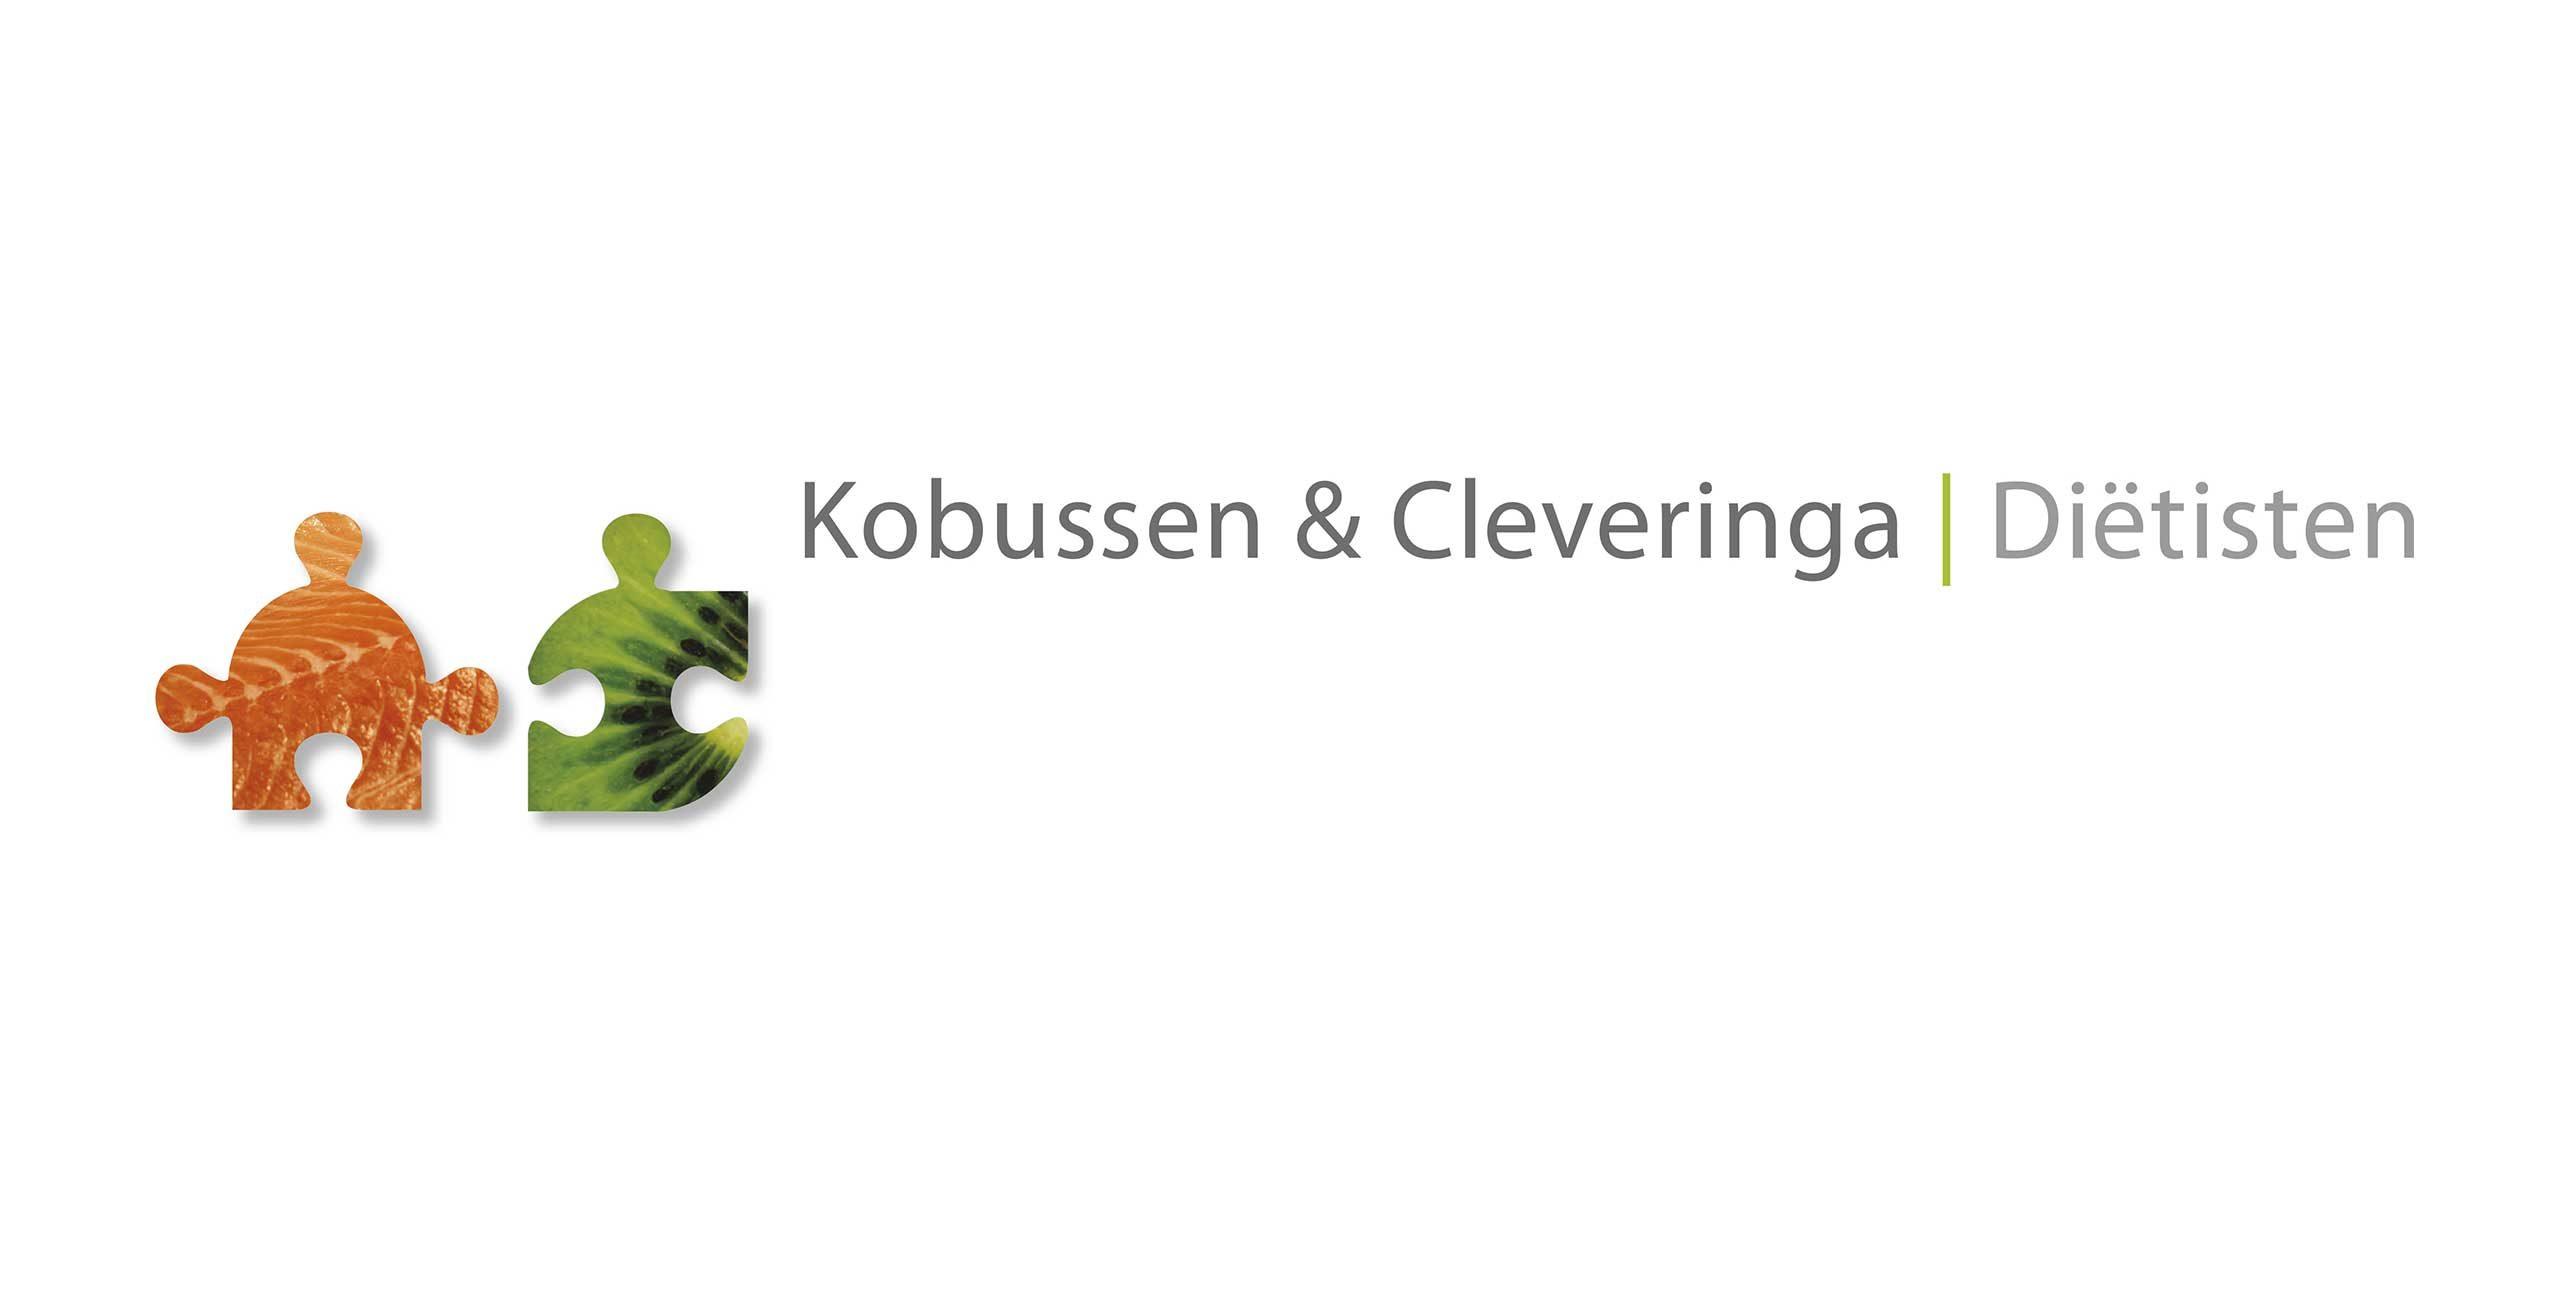 LR-kobussen-en-kleveringa-logos-2560x1500